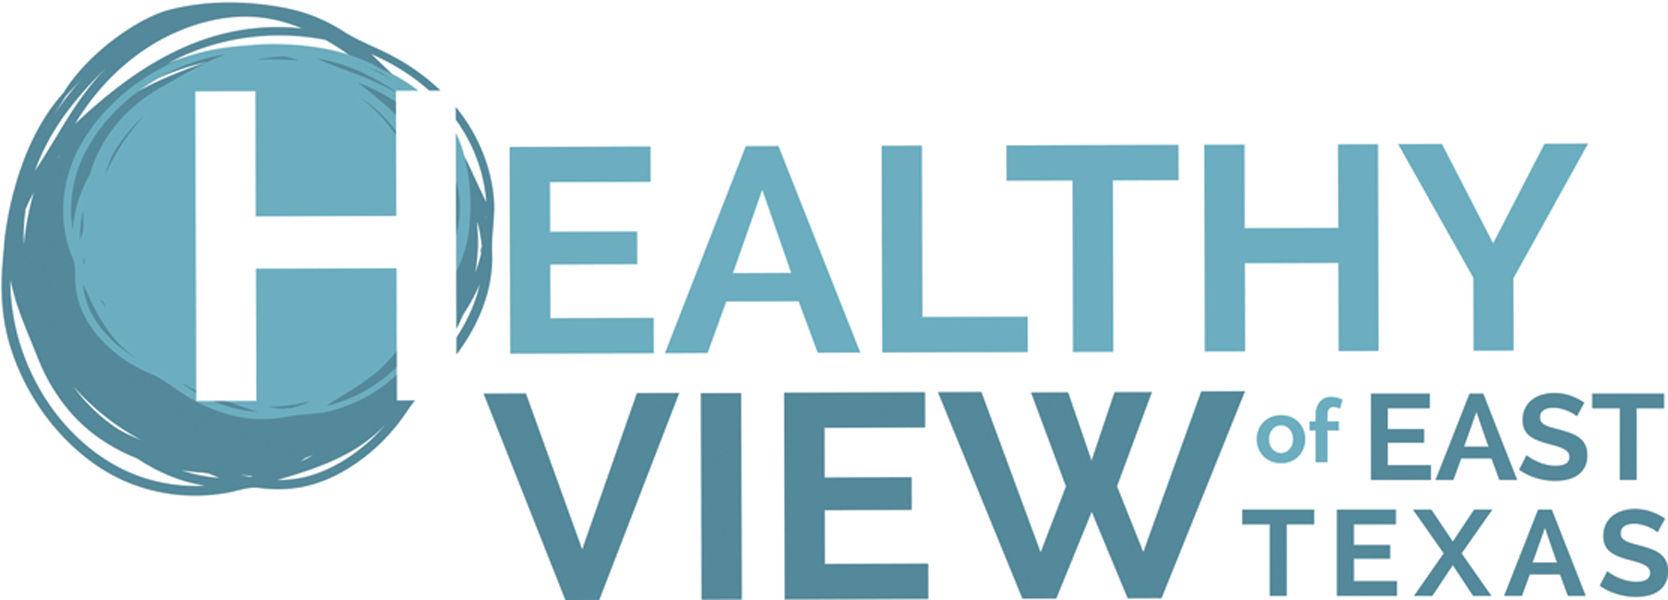 Jacksonville Chamber of Commerce offers health insurance to businesses | Jacksonville Progress